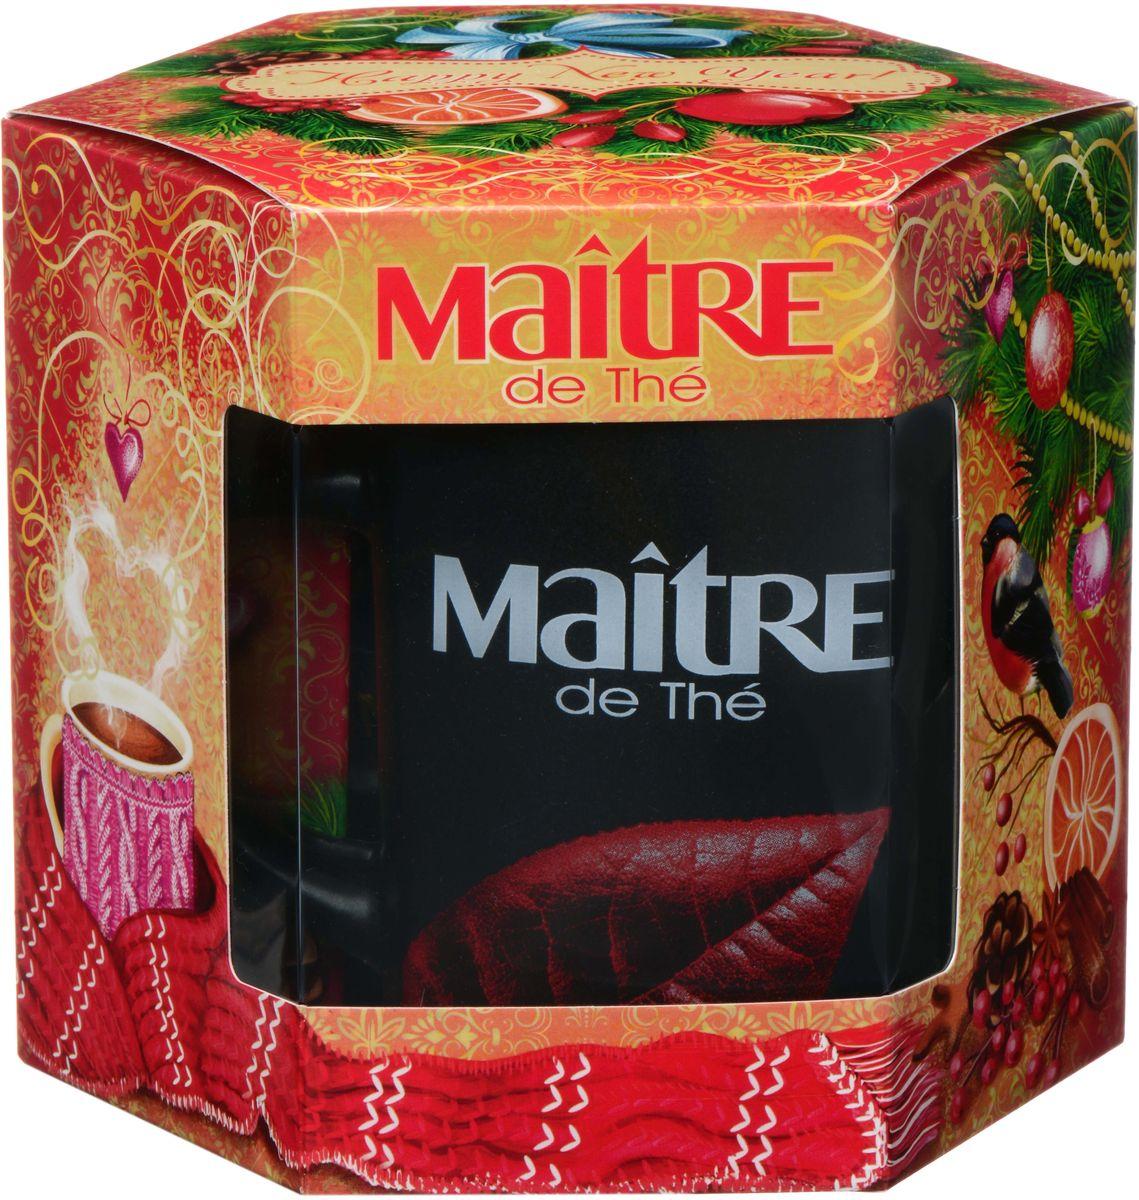 Maitre подарочный набор зимнее чаепитие, 90 г maitre восточная сказка набор черного листового чая 60 г